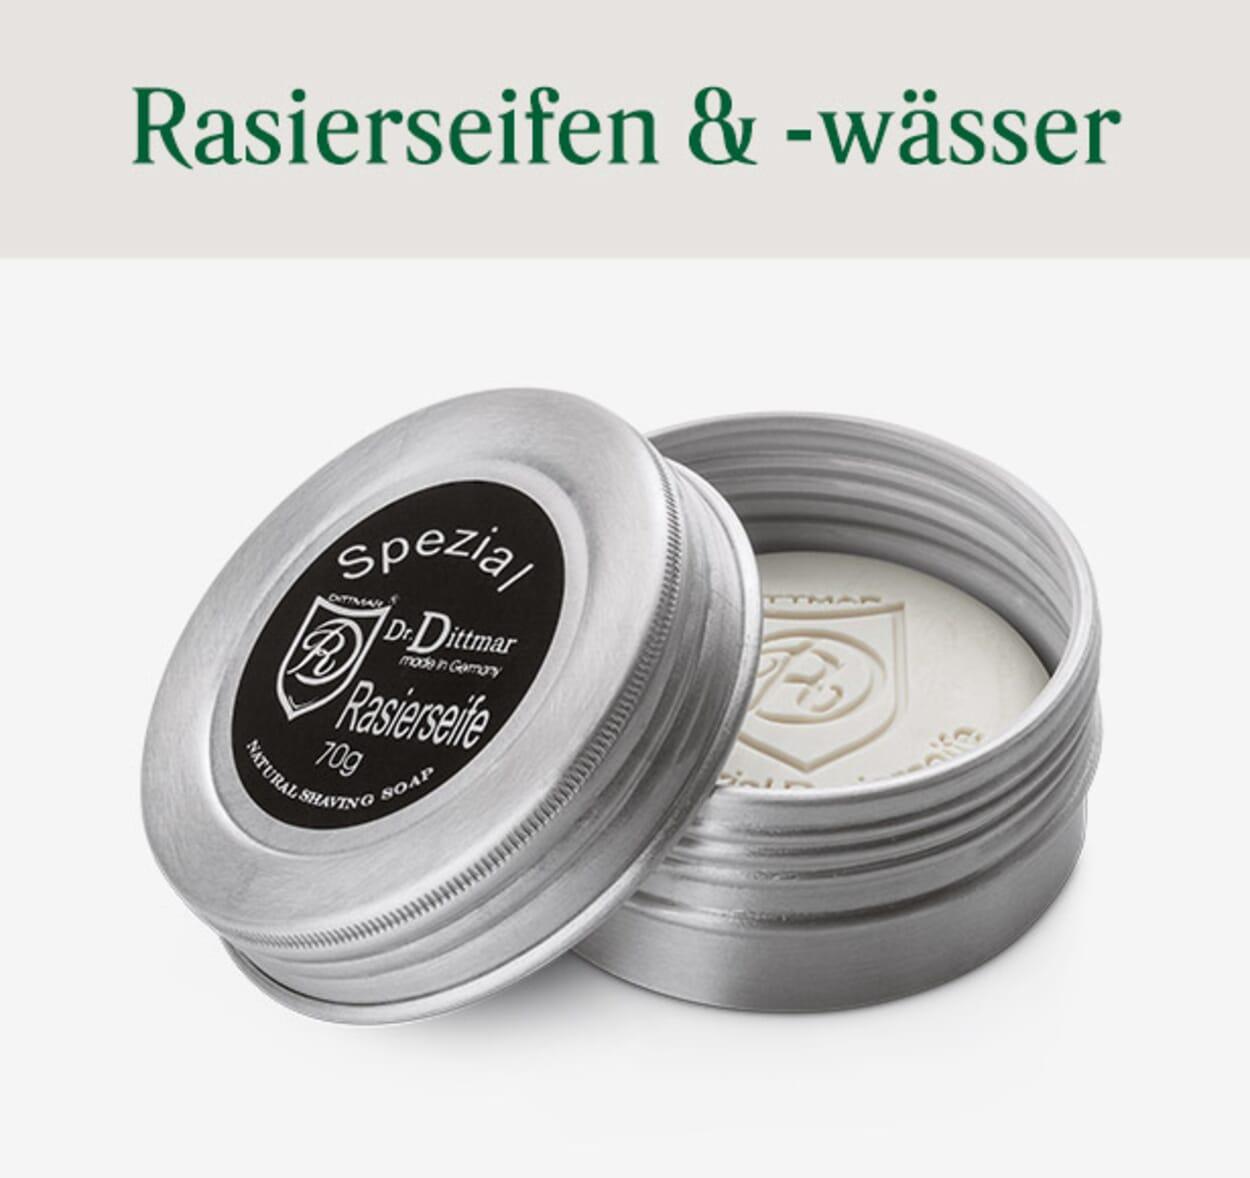 Rasierseifen & Rasierwasser